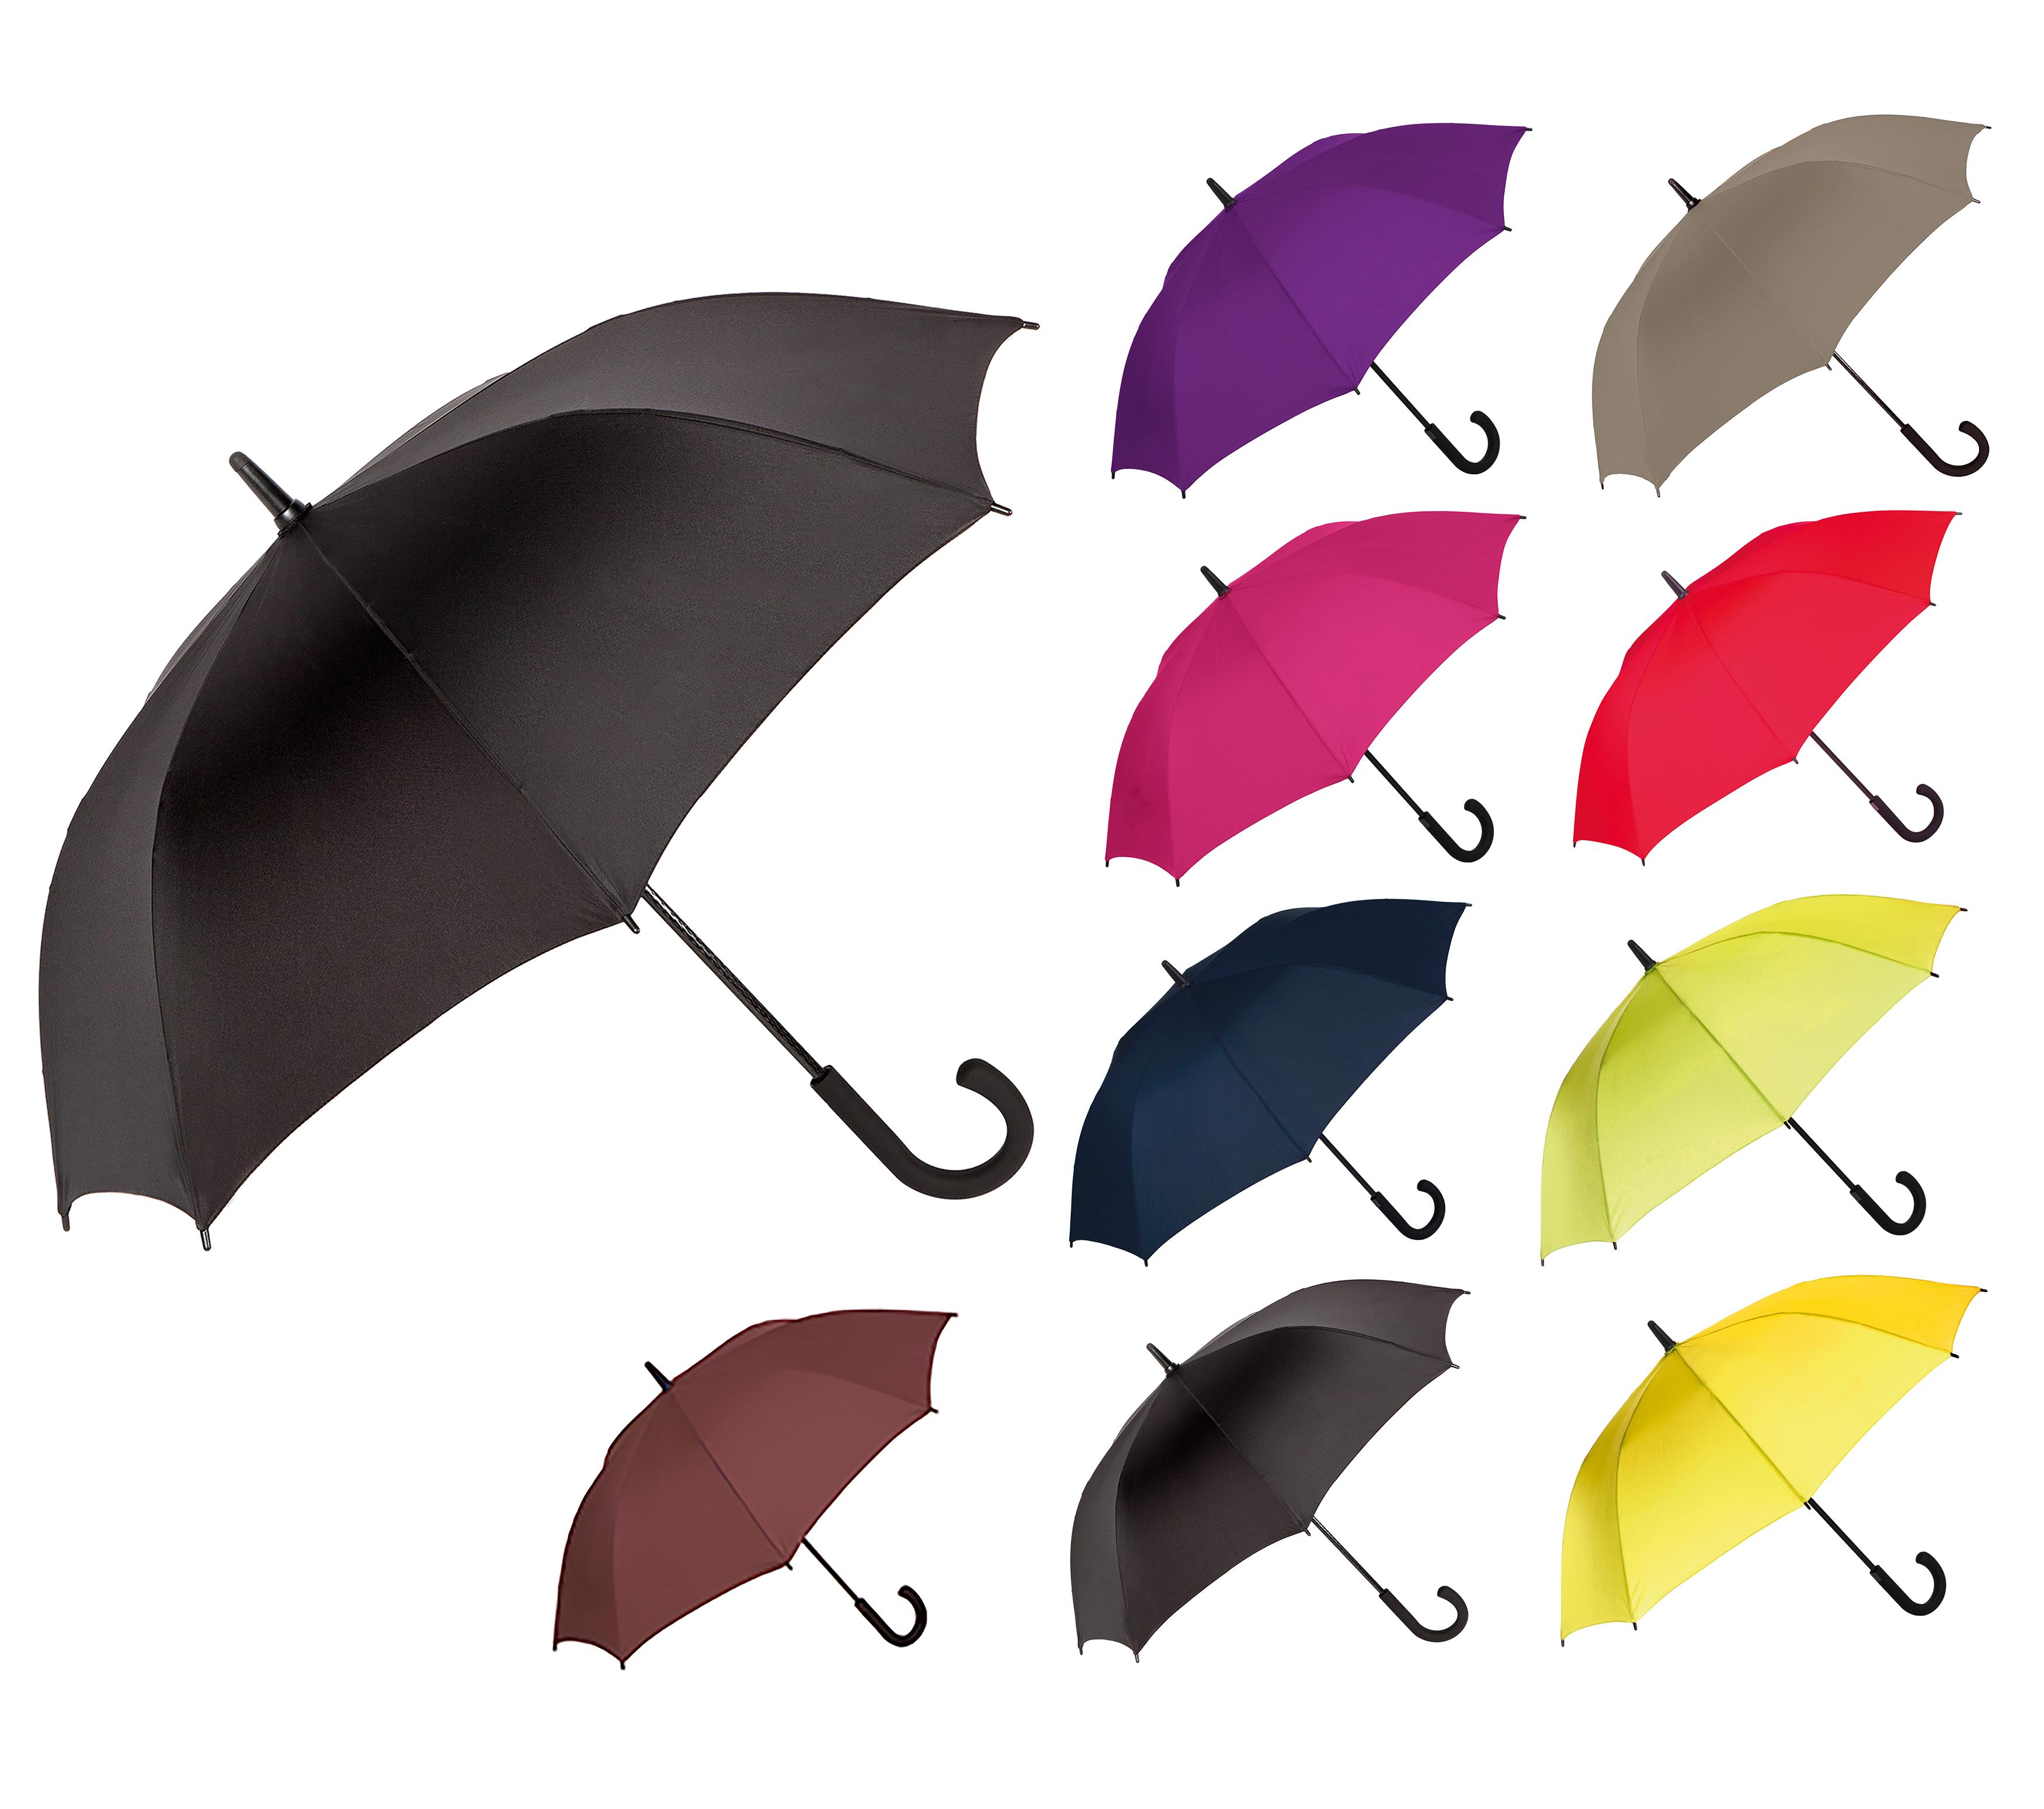 Carbon-Fibre-Shaft-Umbrella-black-fibreglass-ribs-golf-Storm-proof-102cm-40-034